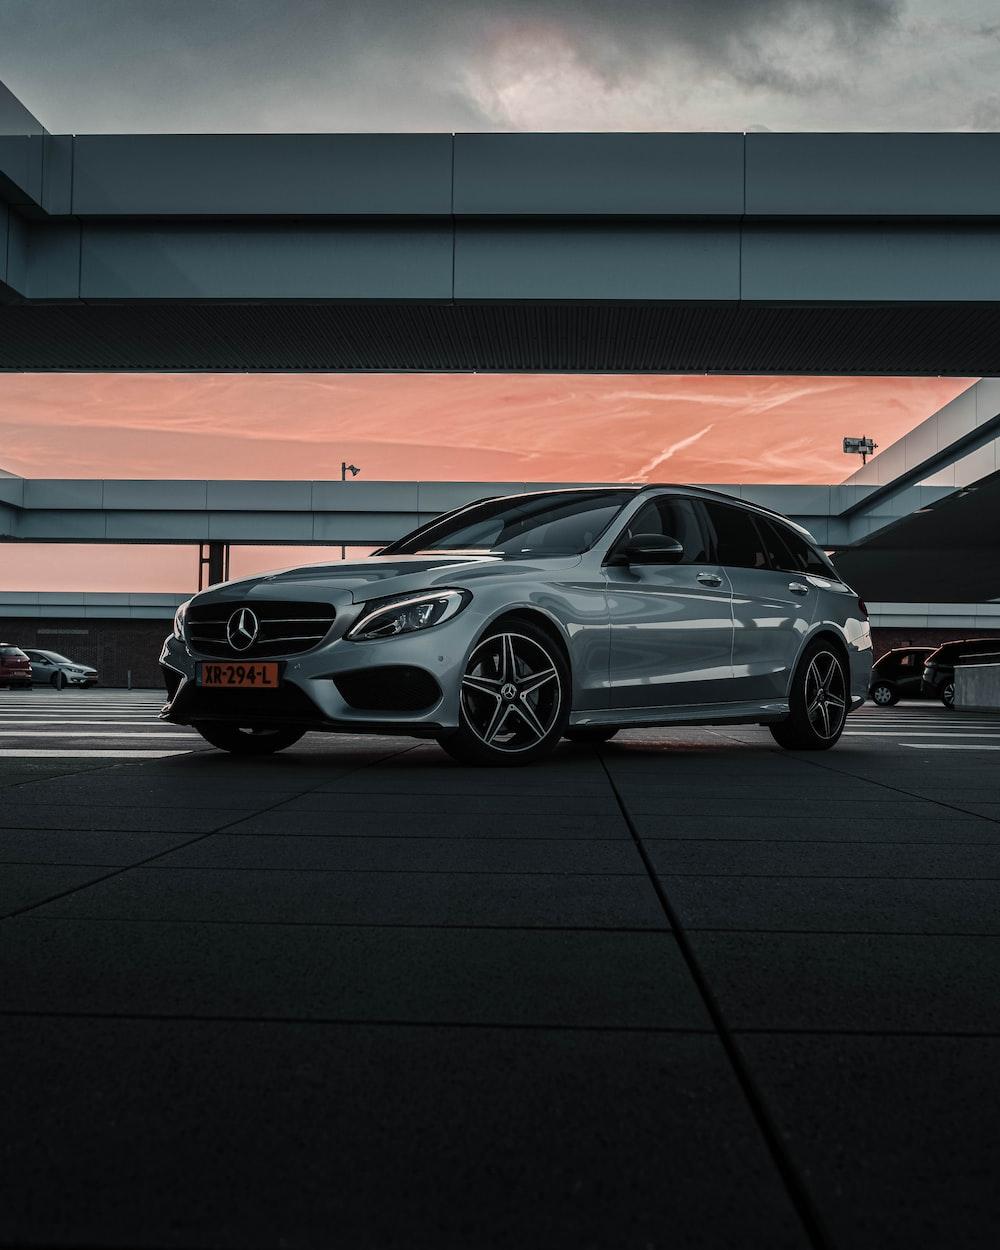 silver sedan on parking lot